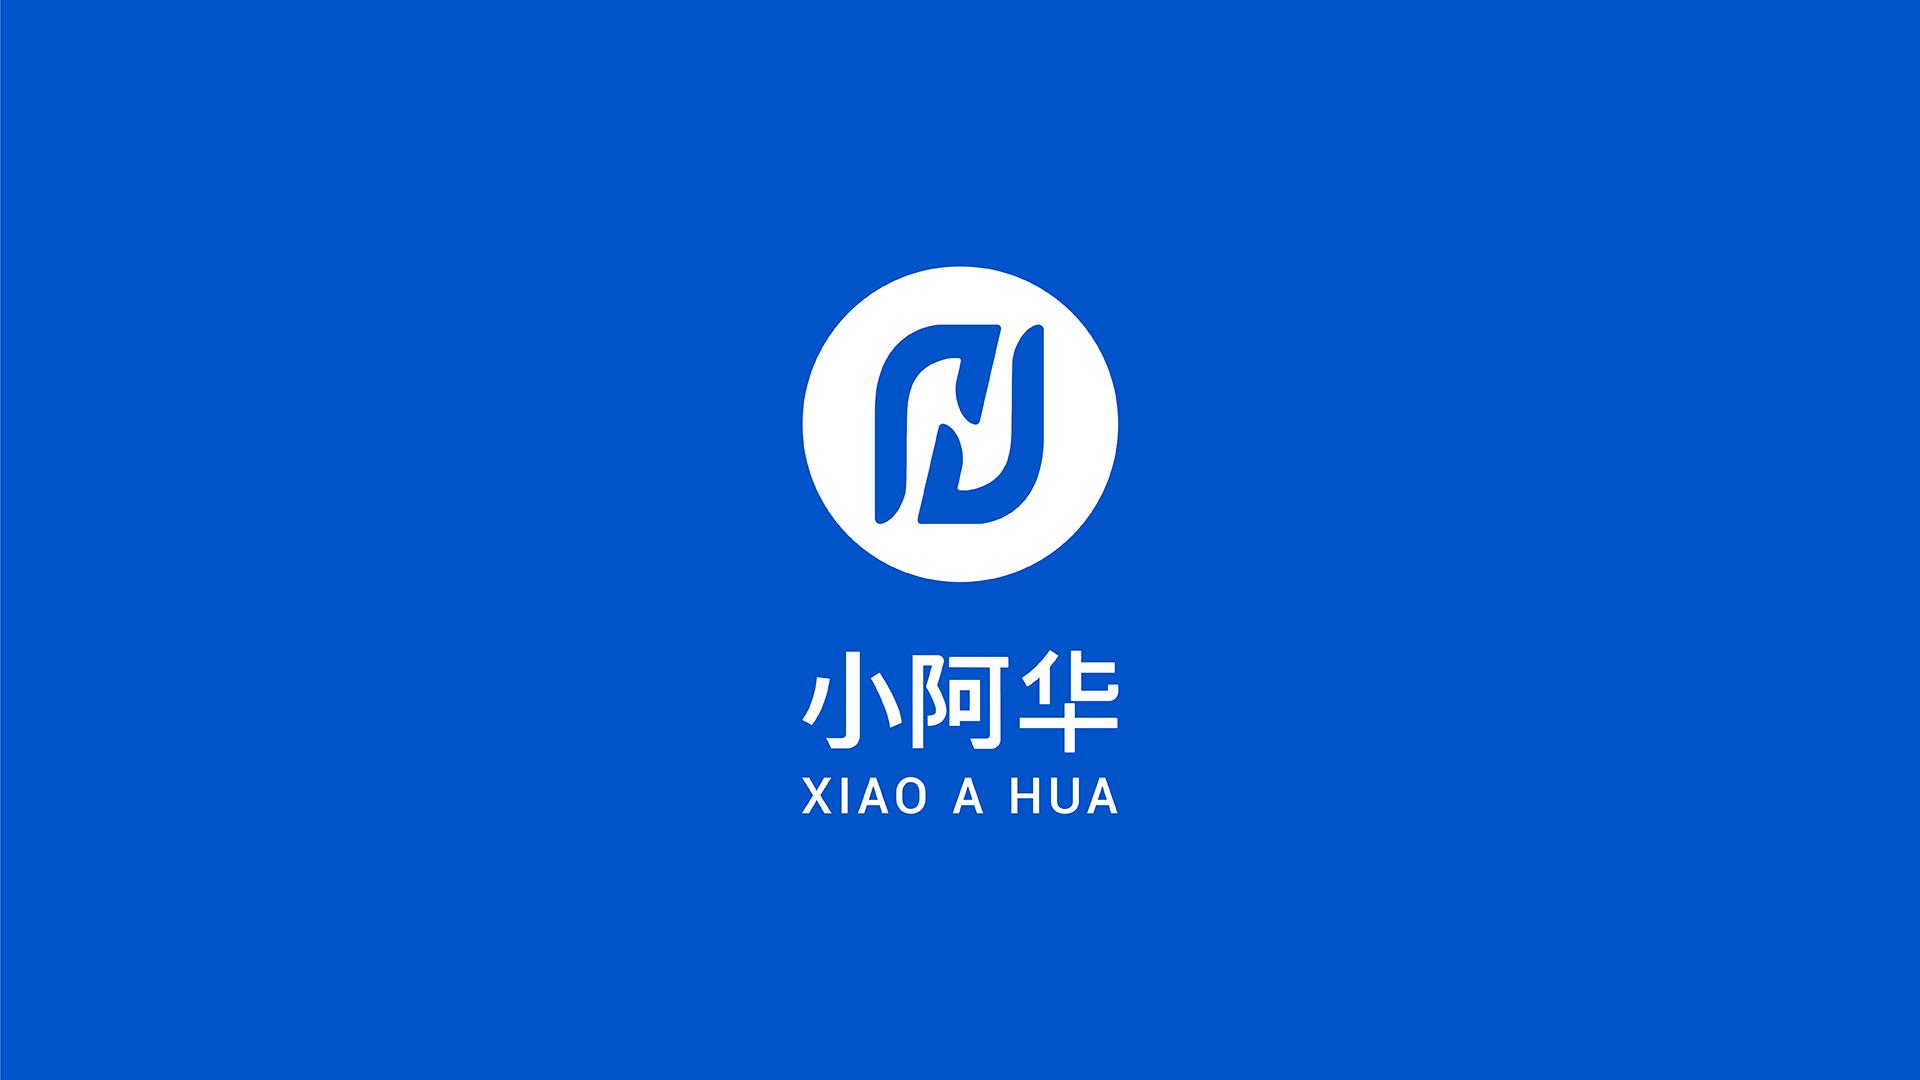 小阿华健康家政品牌logo设计反白效果